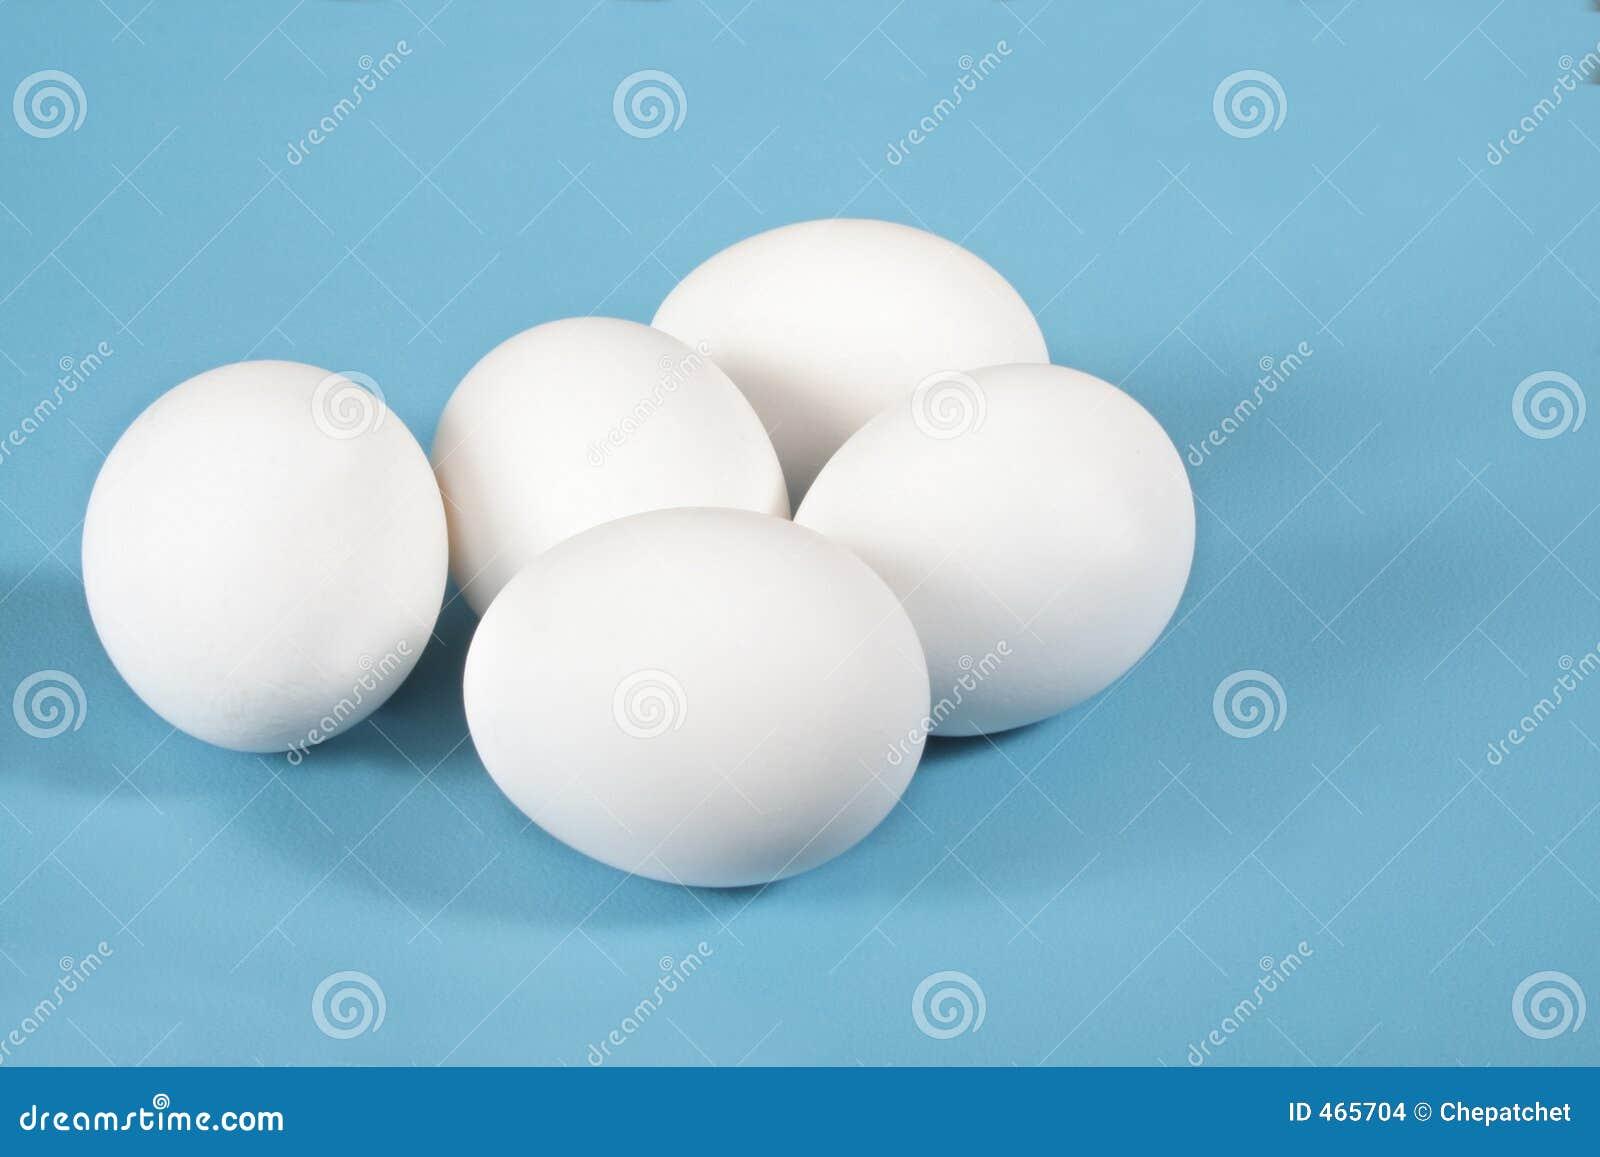 Eieren op blauw